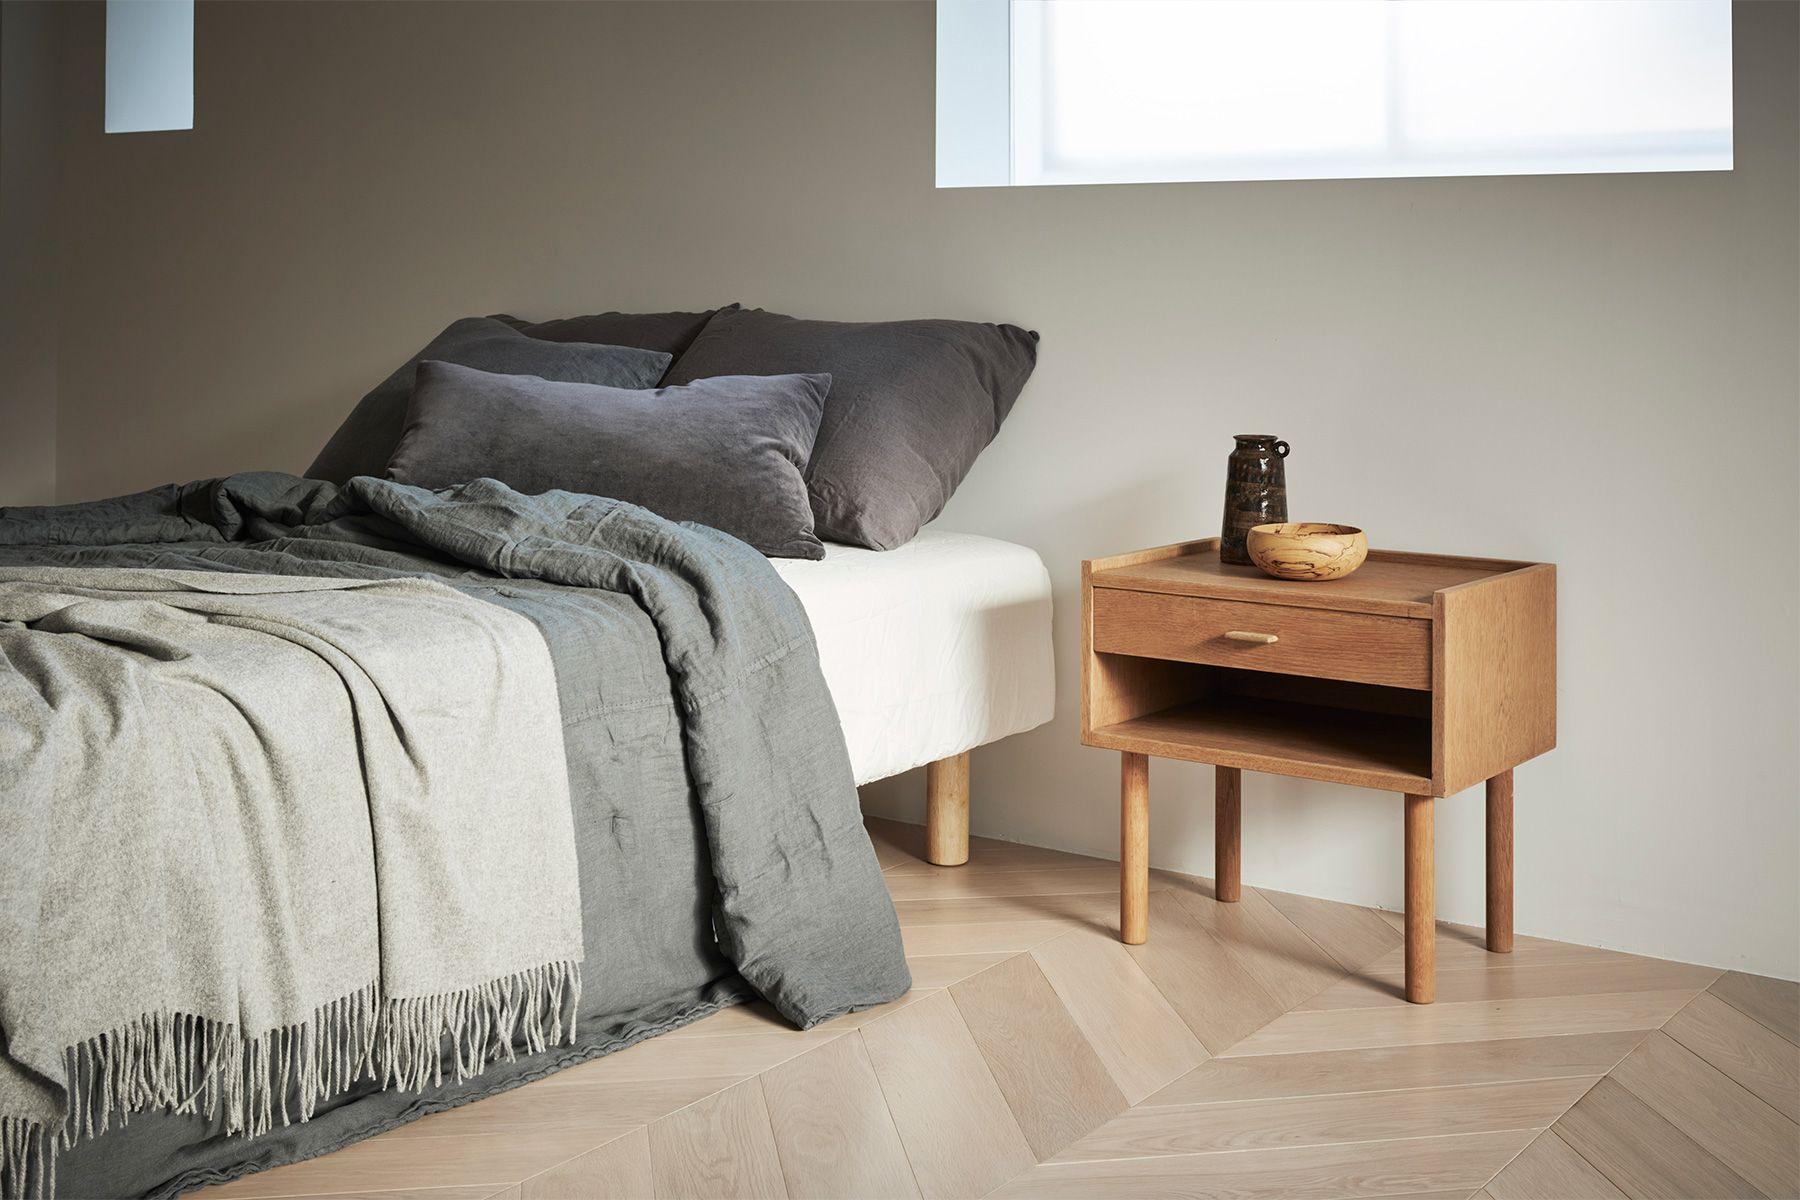 Haku Studio / THE HOUSE (ハクスタジオ)ベッドとサイドテーブル